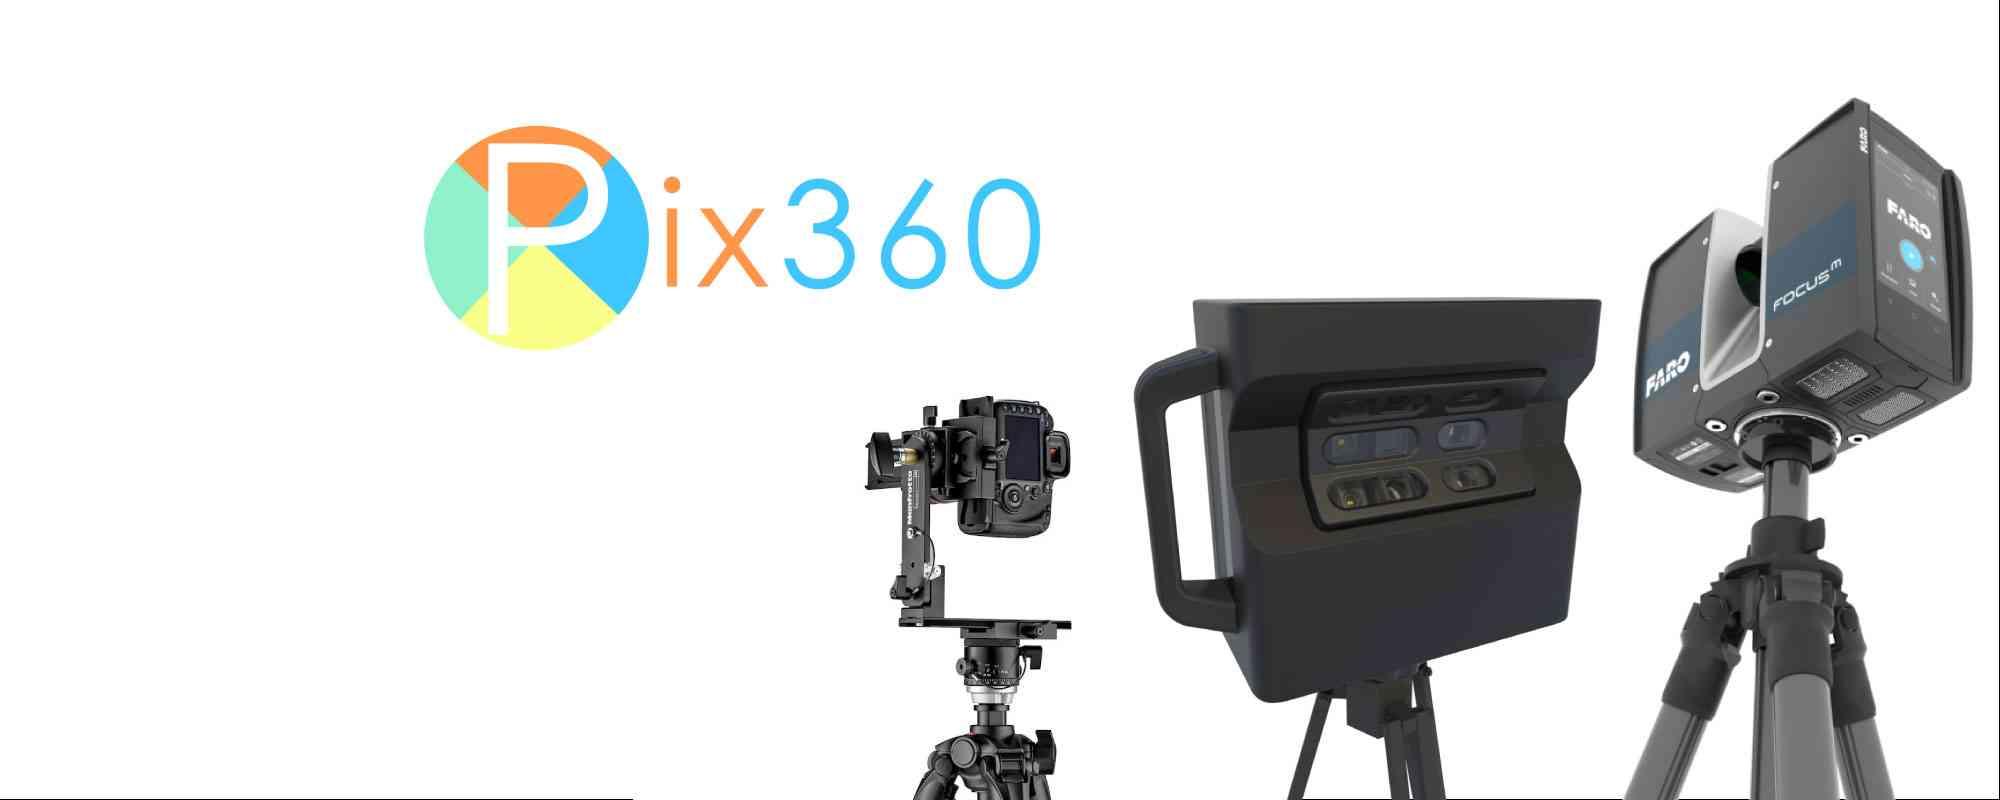 benjamin thomas | Bordeaux France | visite virtuelle 360 3D VR